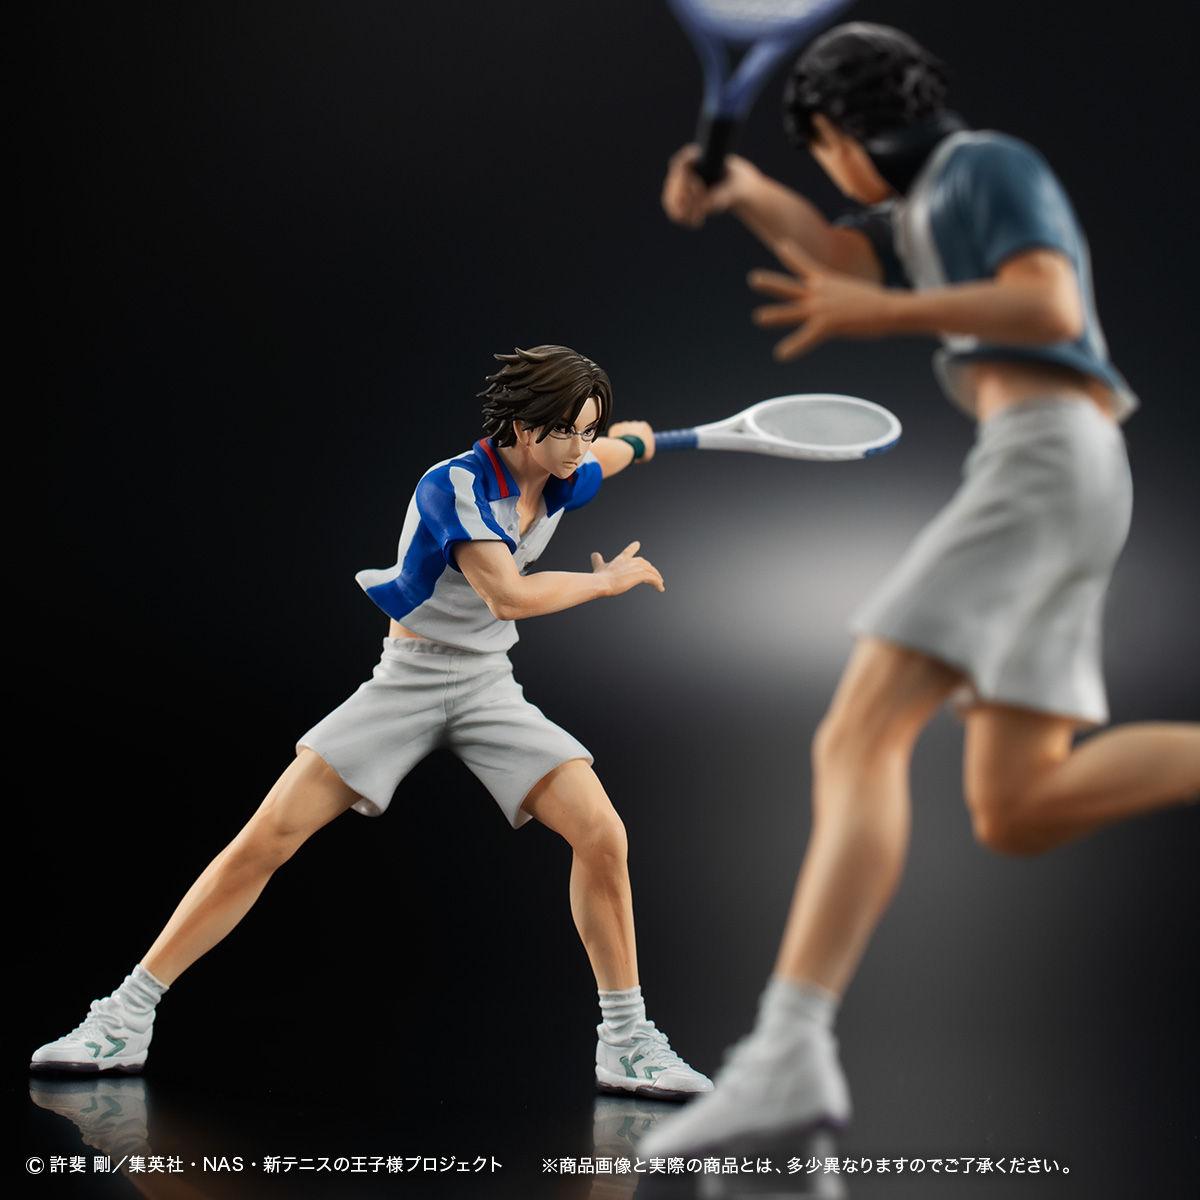 Gasha Portraits『手塚国光&跡部景吾』新テニスの王子様 フィギュア-008